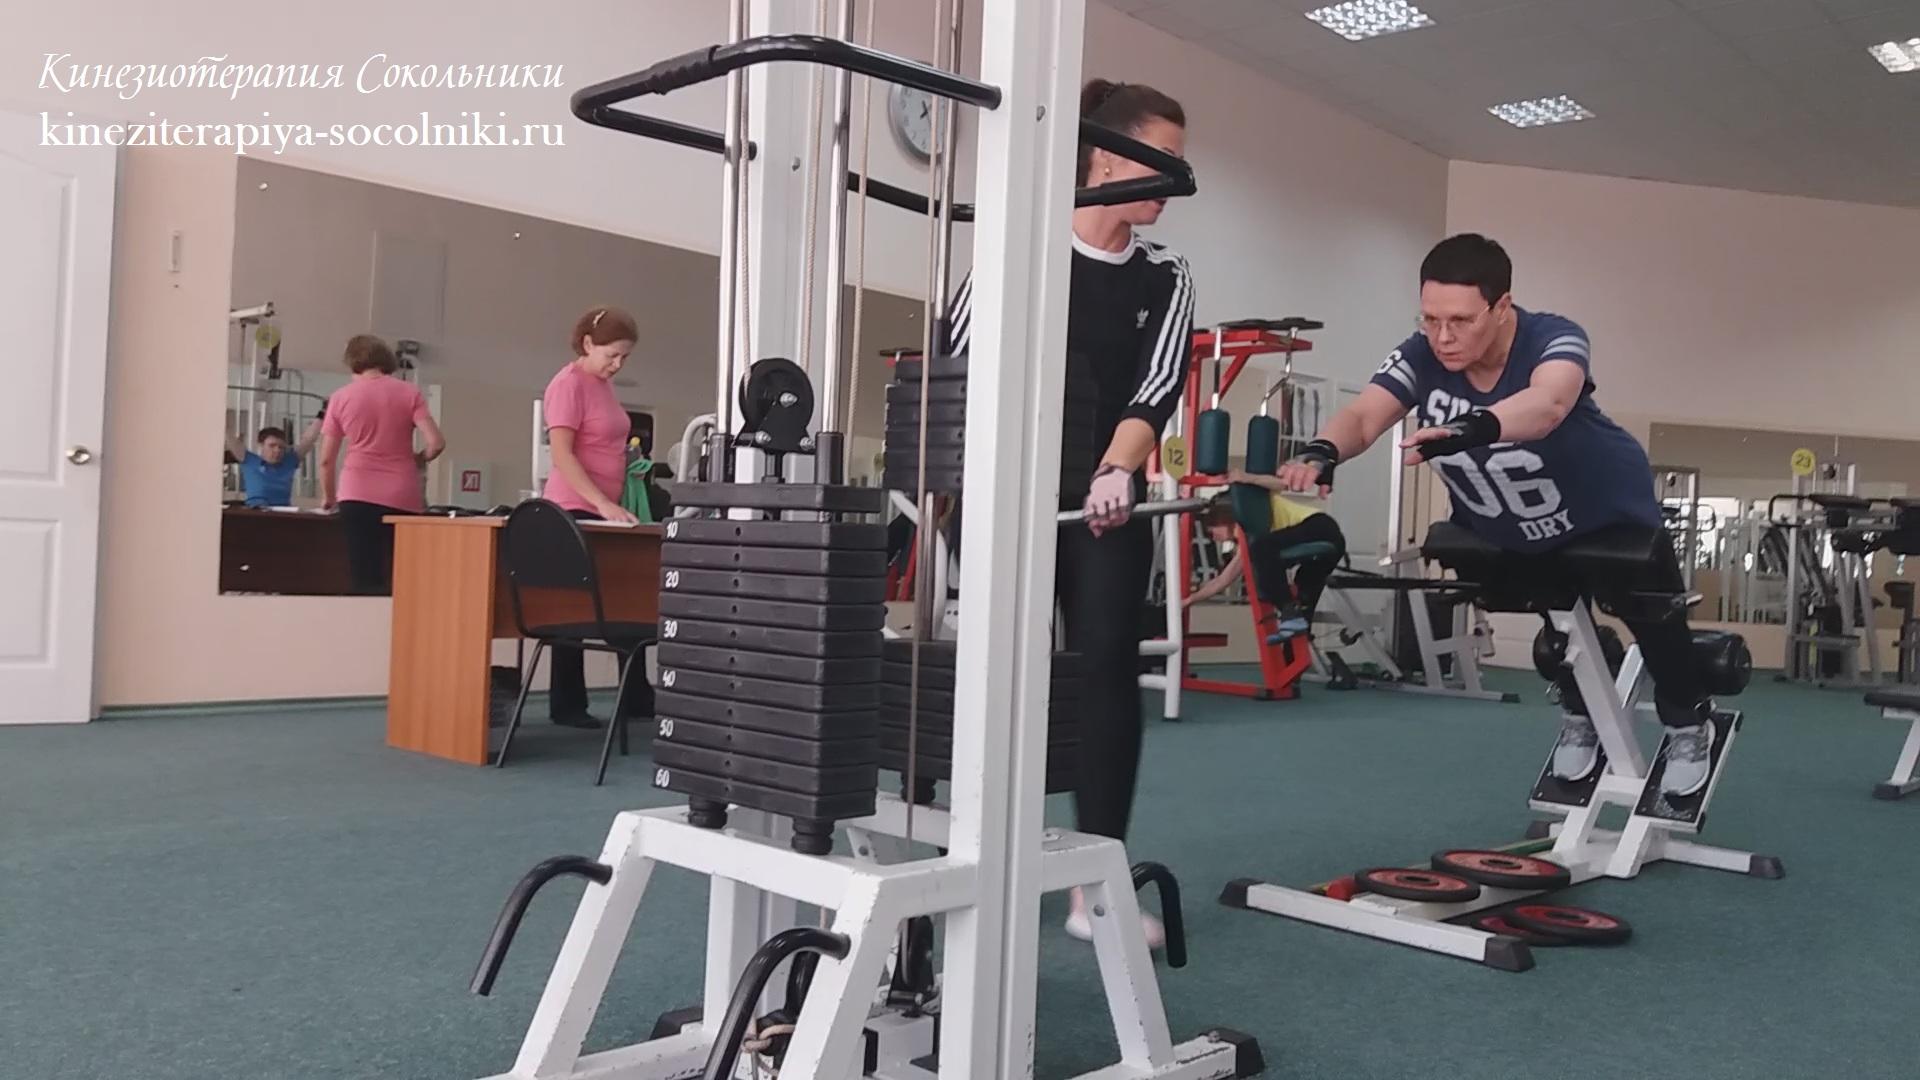 Кинезитерапия упражнения. Оздоровительный центр реабилитации и кинезиотерапии в парке Сокольники. Кинезитерапия упражнения. Кинезитерапия, Кинезиотерапия, Центр кинезитерапия, центр кинезиотерапия, Москва, Сокольники